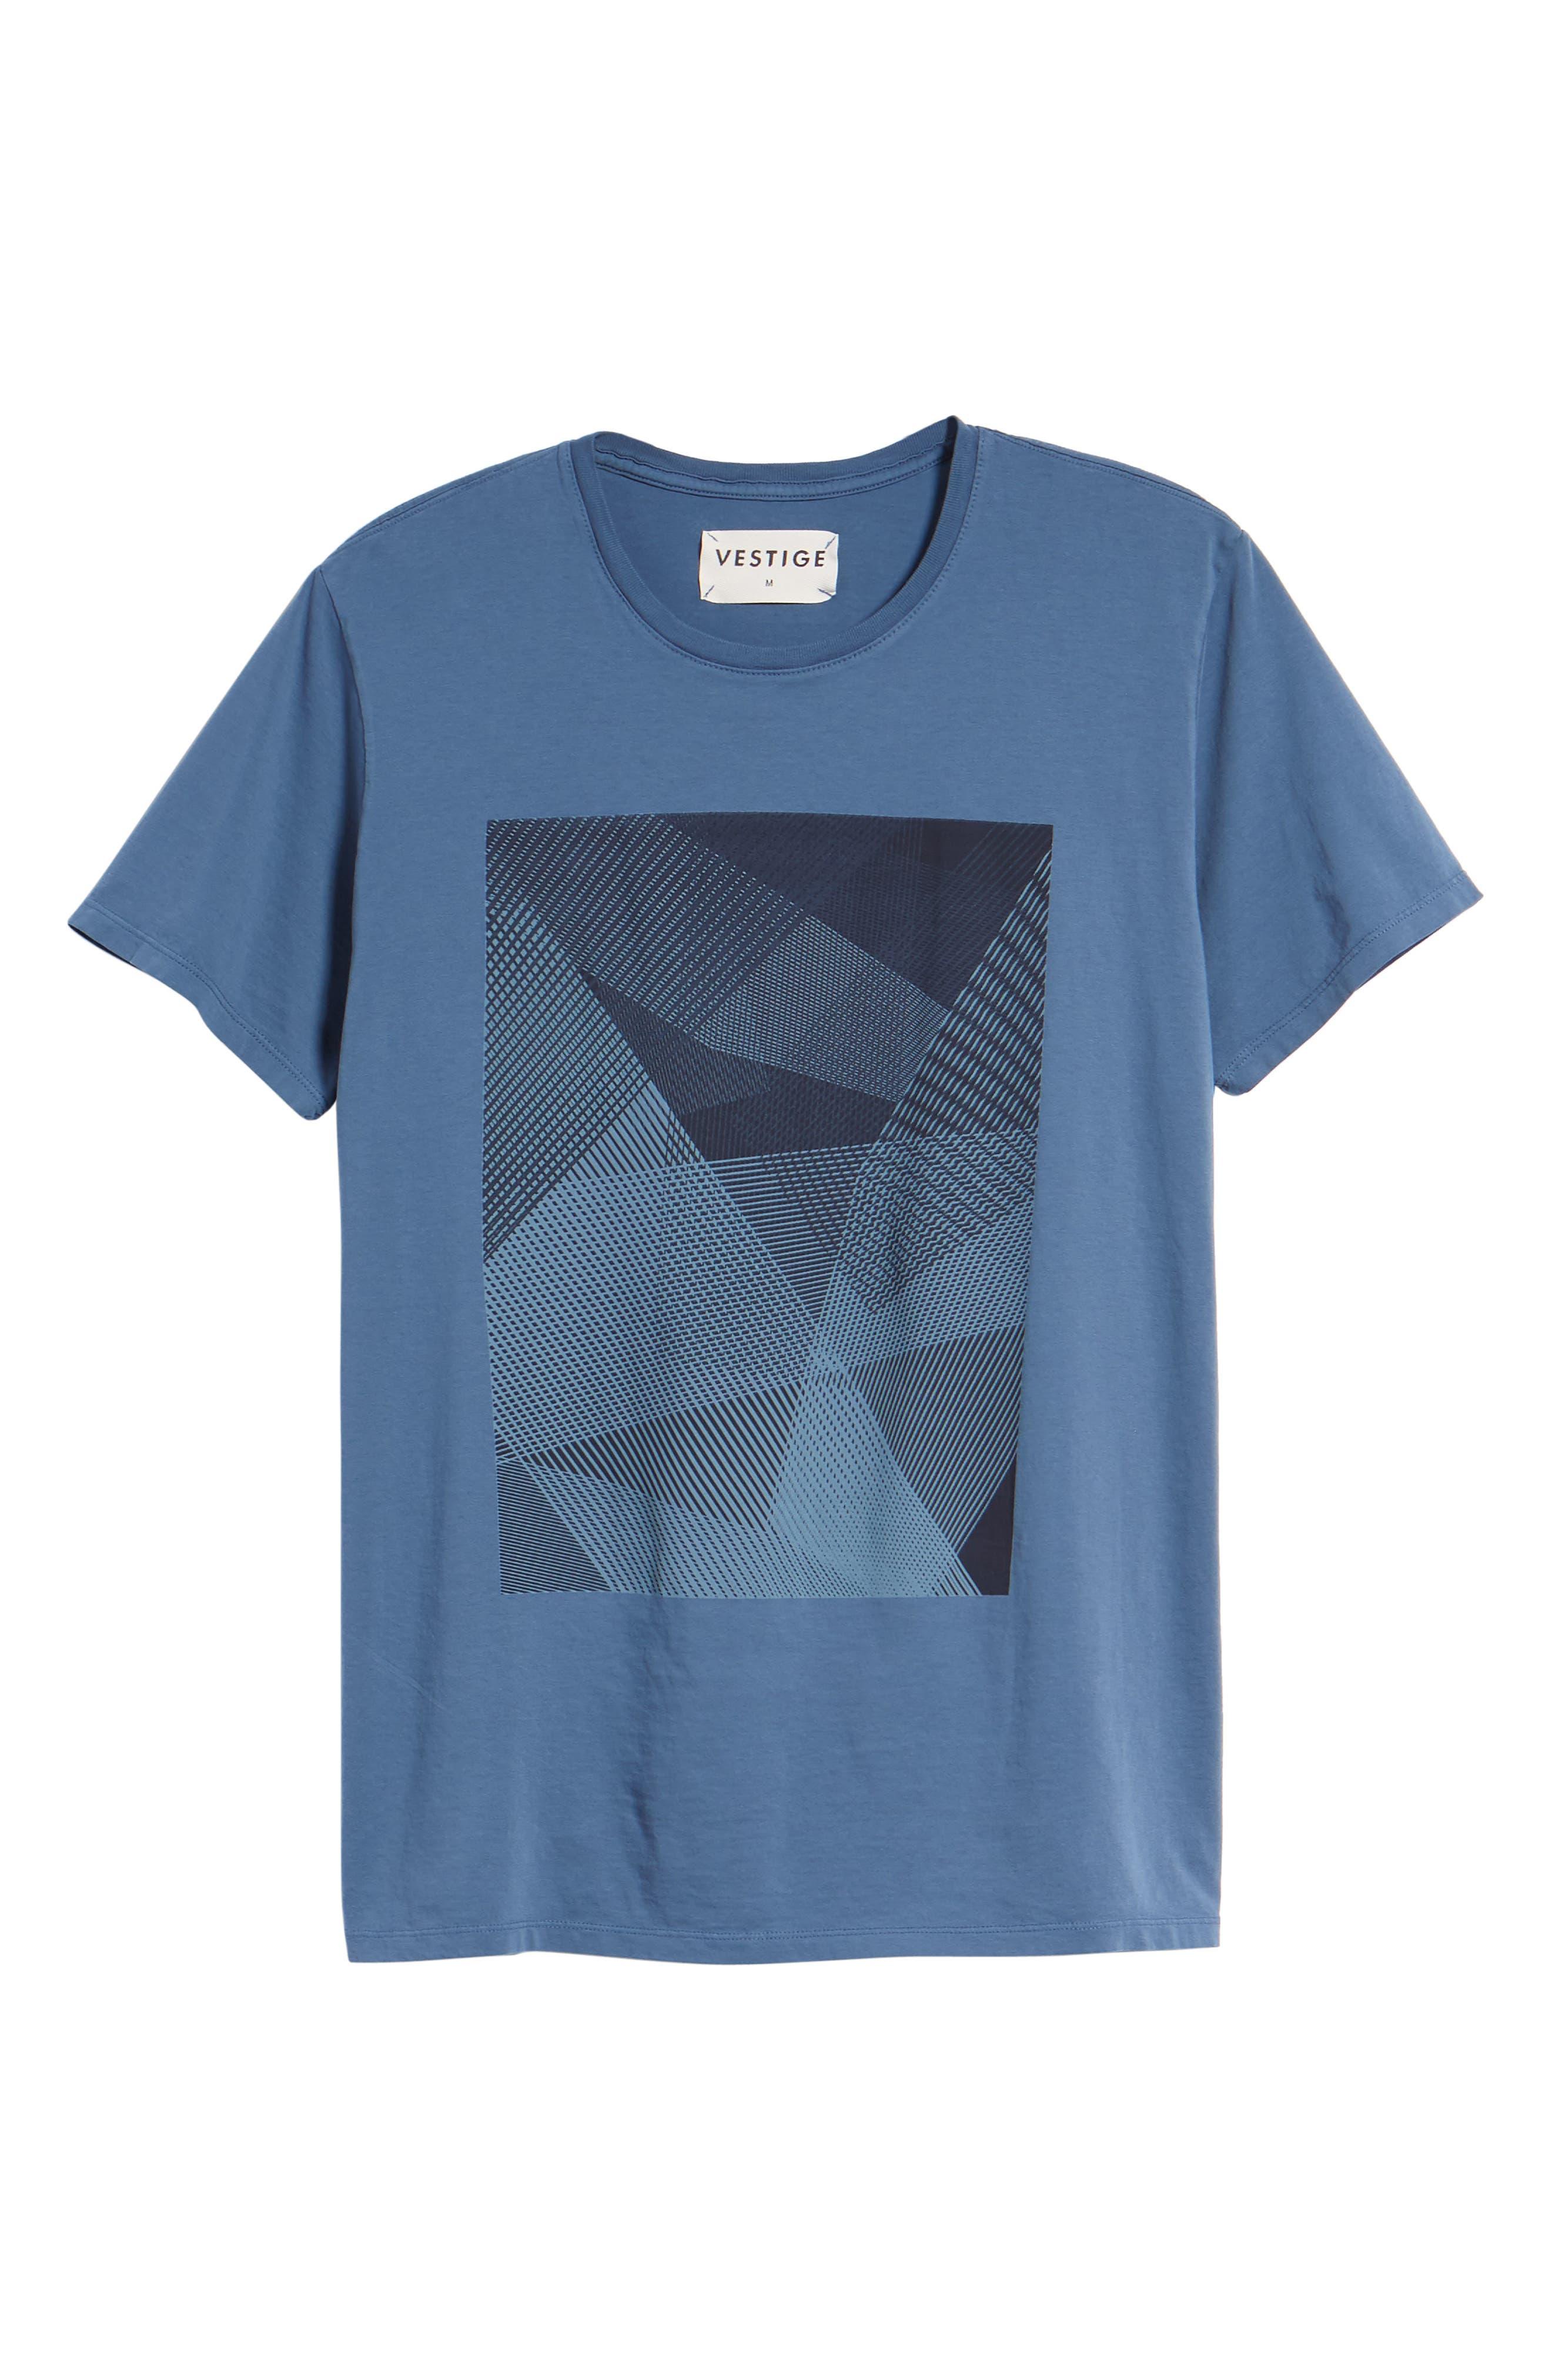 Line Matrix Graphic T-Shirt,                             Alternate thumbnail 6, color,                             400